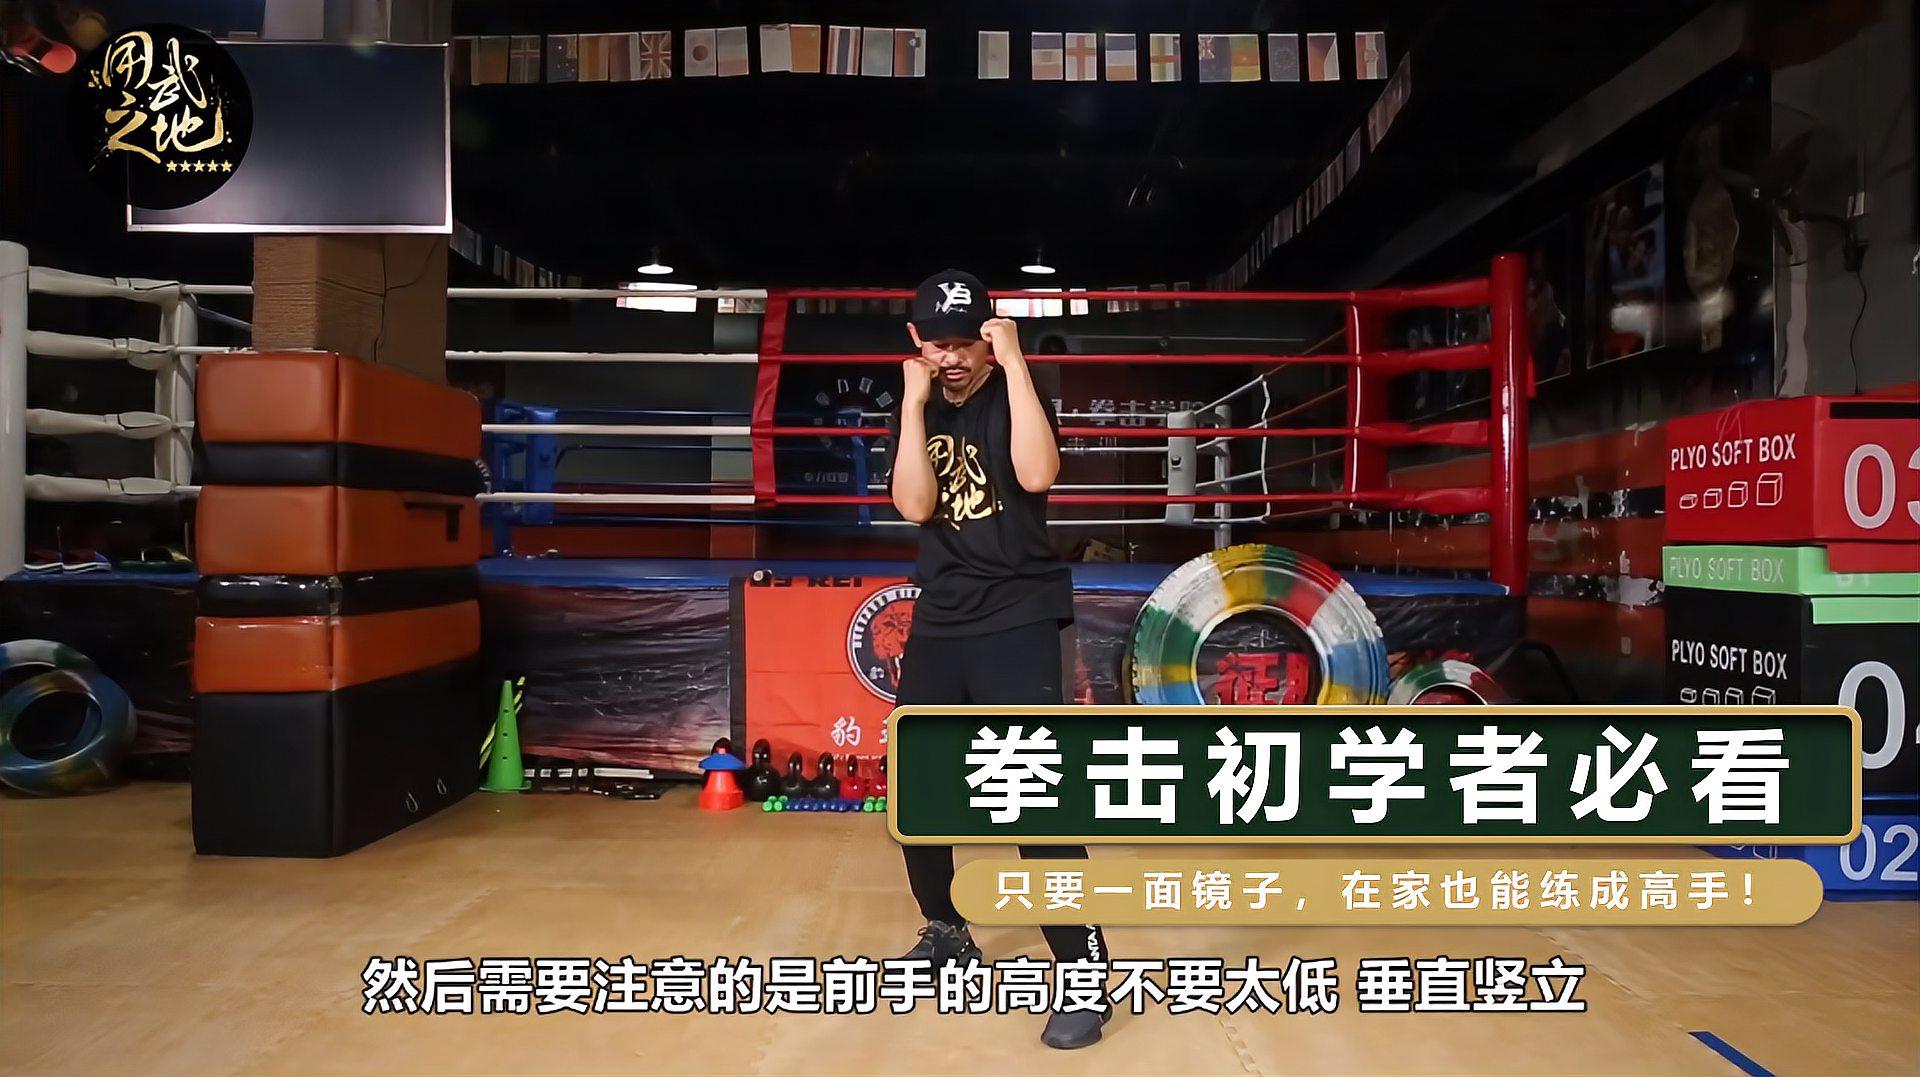 拳击初学者必须注意!只要一面镜子,在家也能练成高手!